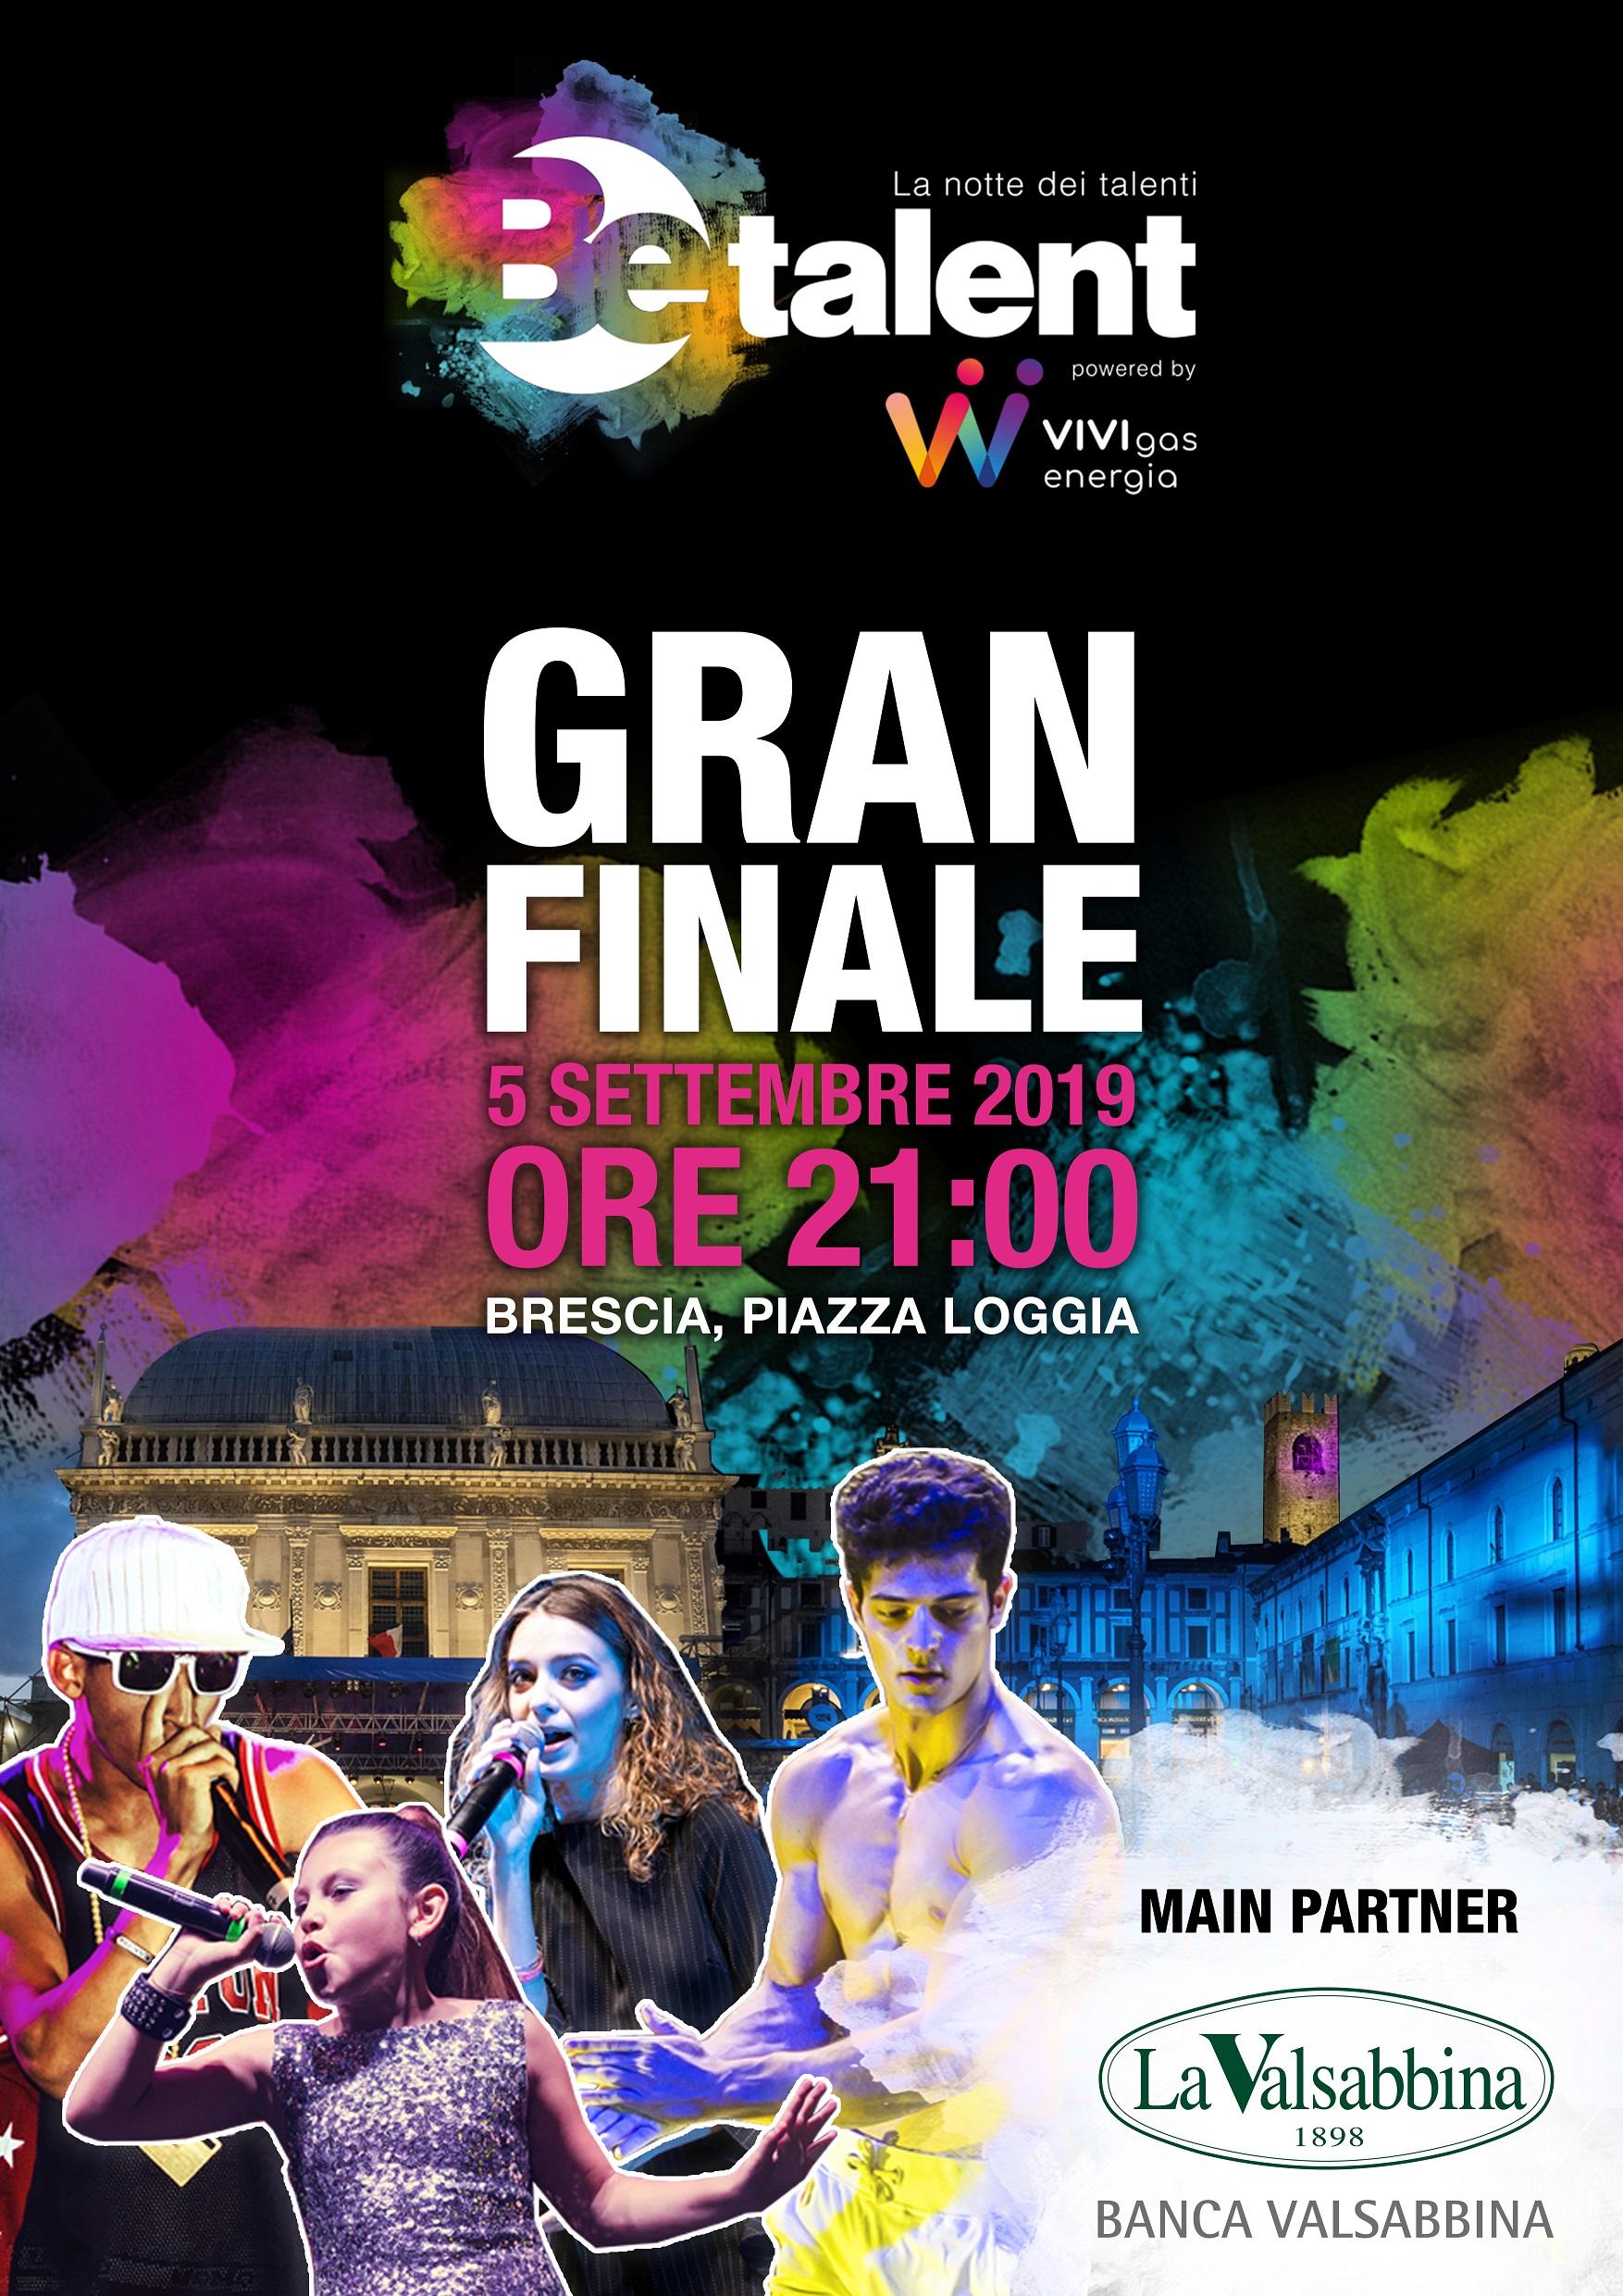 BeTalent 2019 Gran Finale locandina sponsor banca | Banca Valsabbina